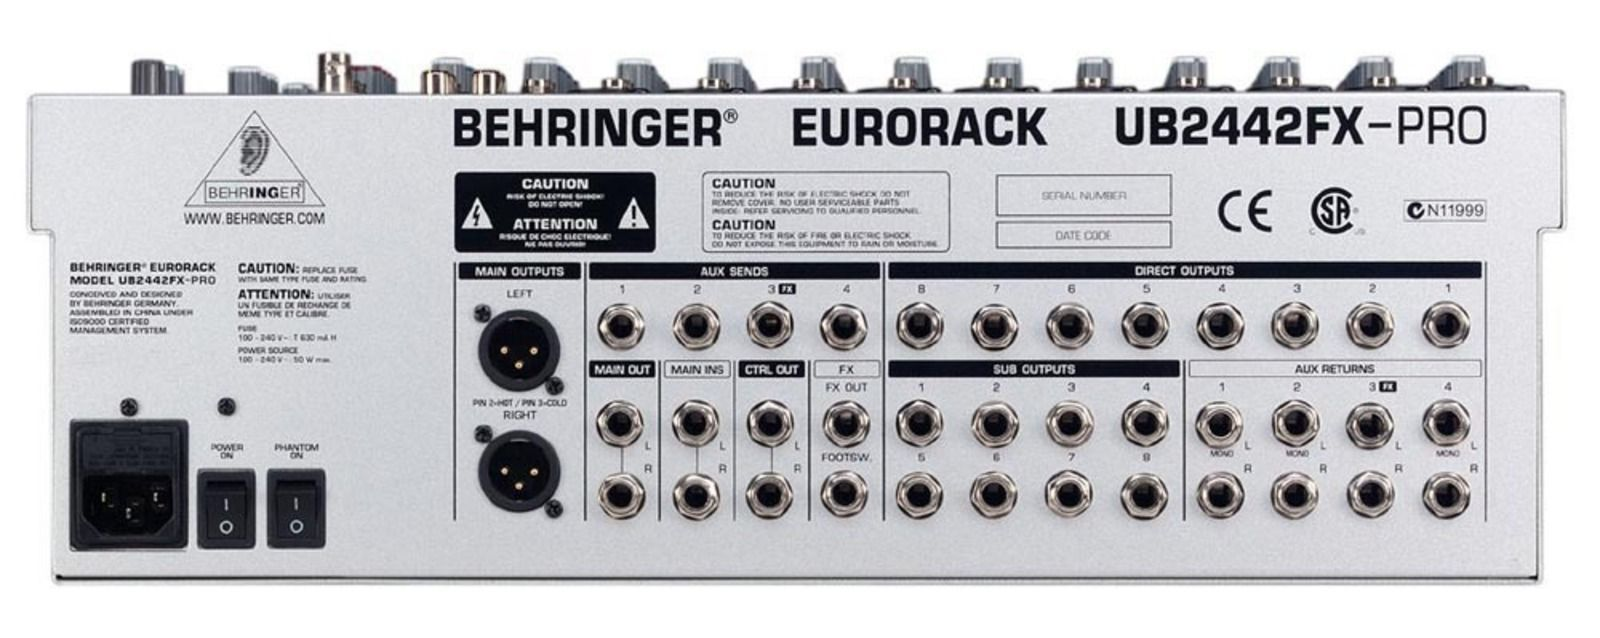 behringer eurorack ub2442fx pro image 38274 audiofanzine rh en audiofanzine com Behringer UB2442FX Pro Mixer Behringer 2442 Mixer